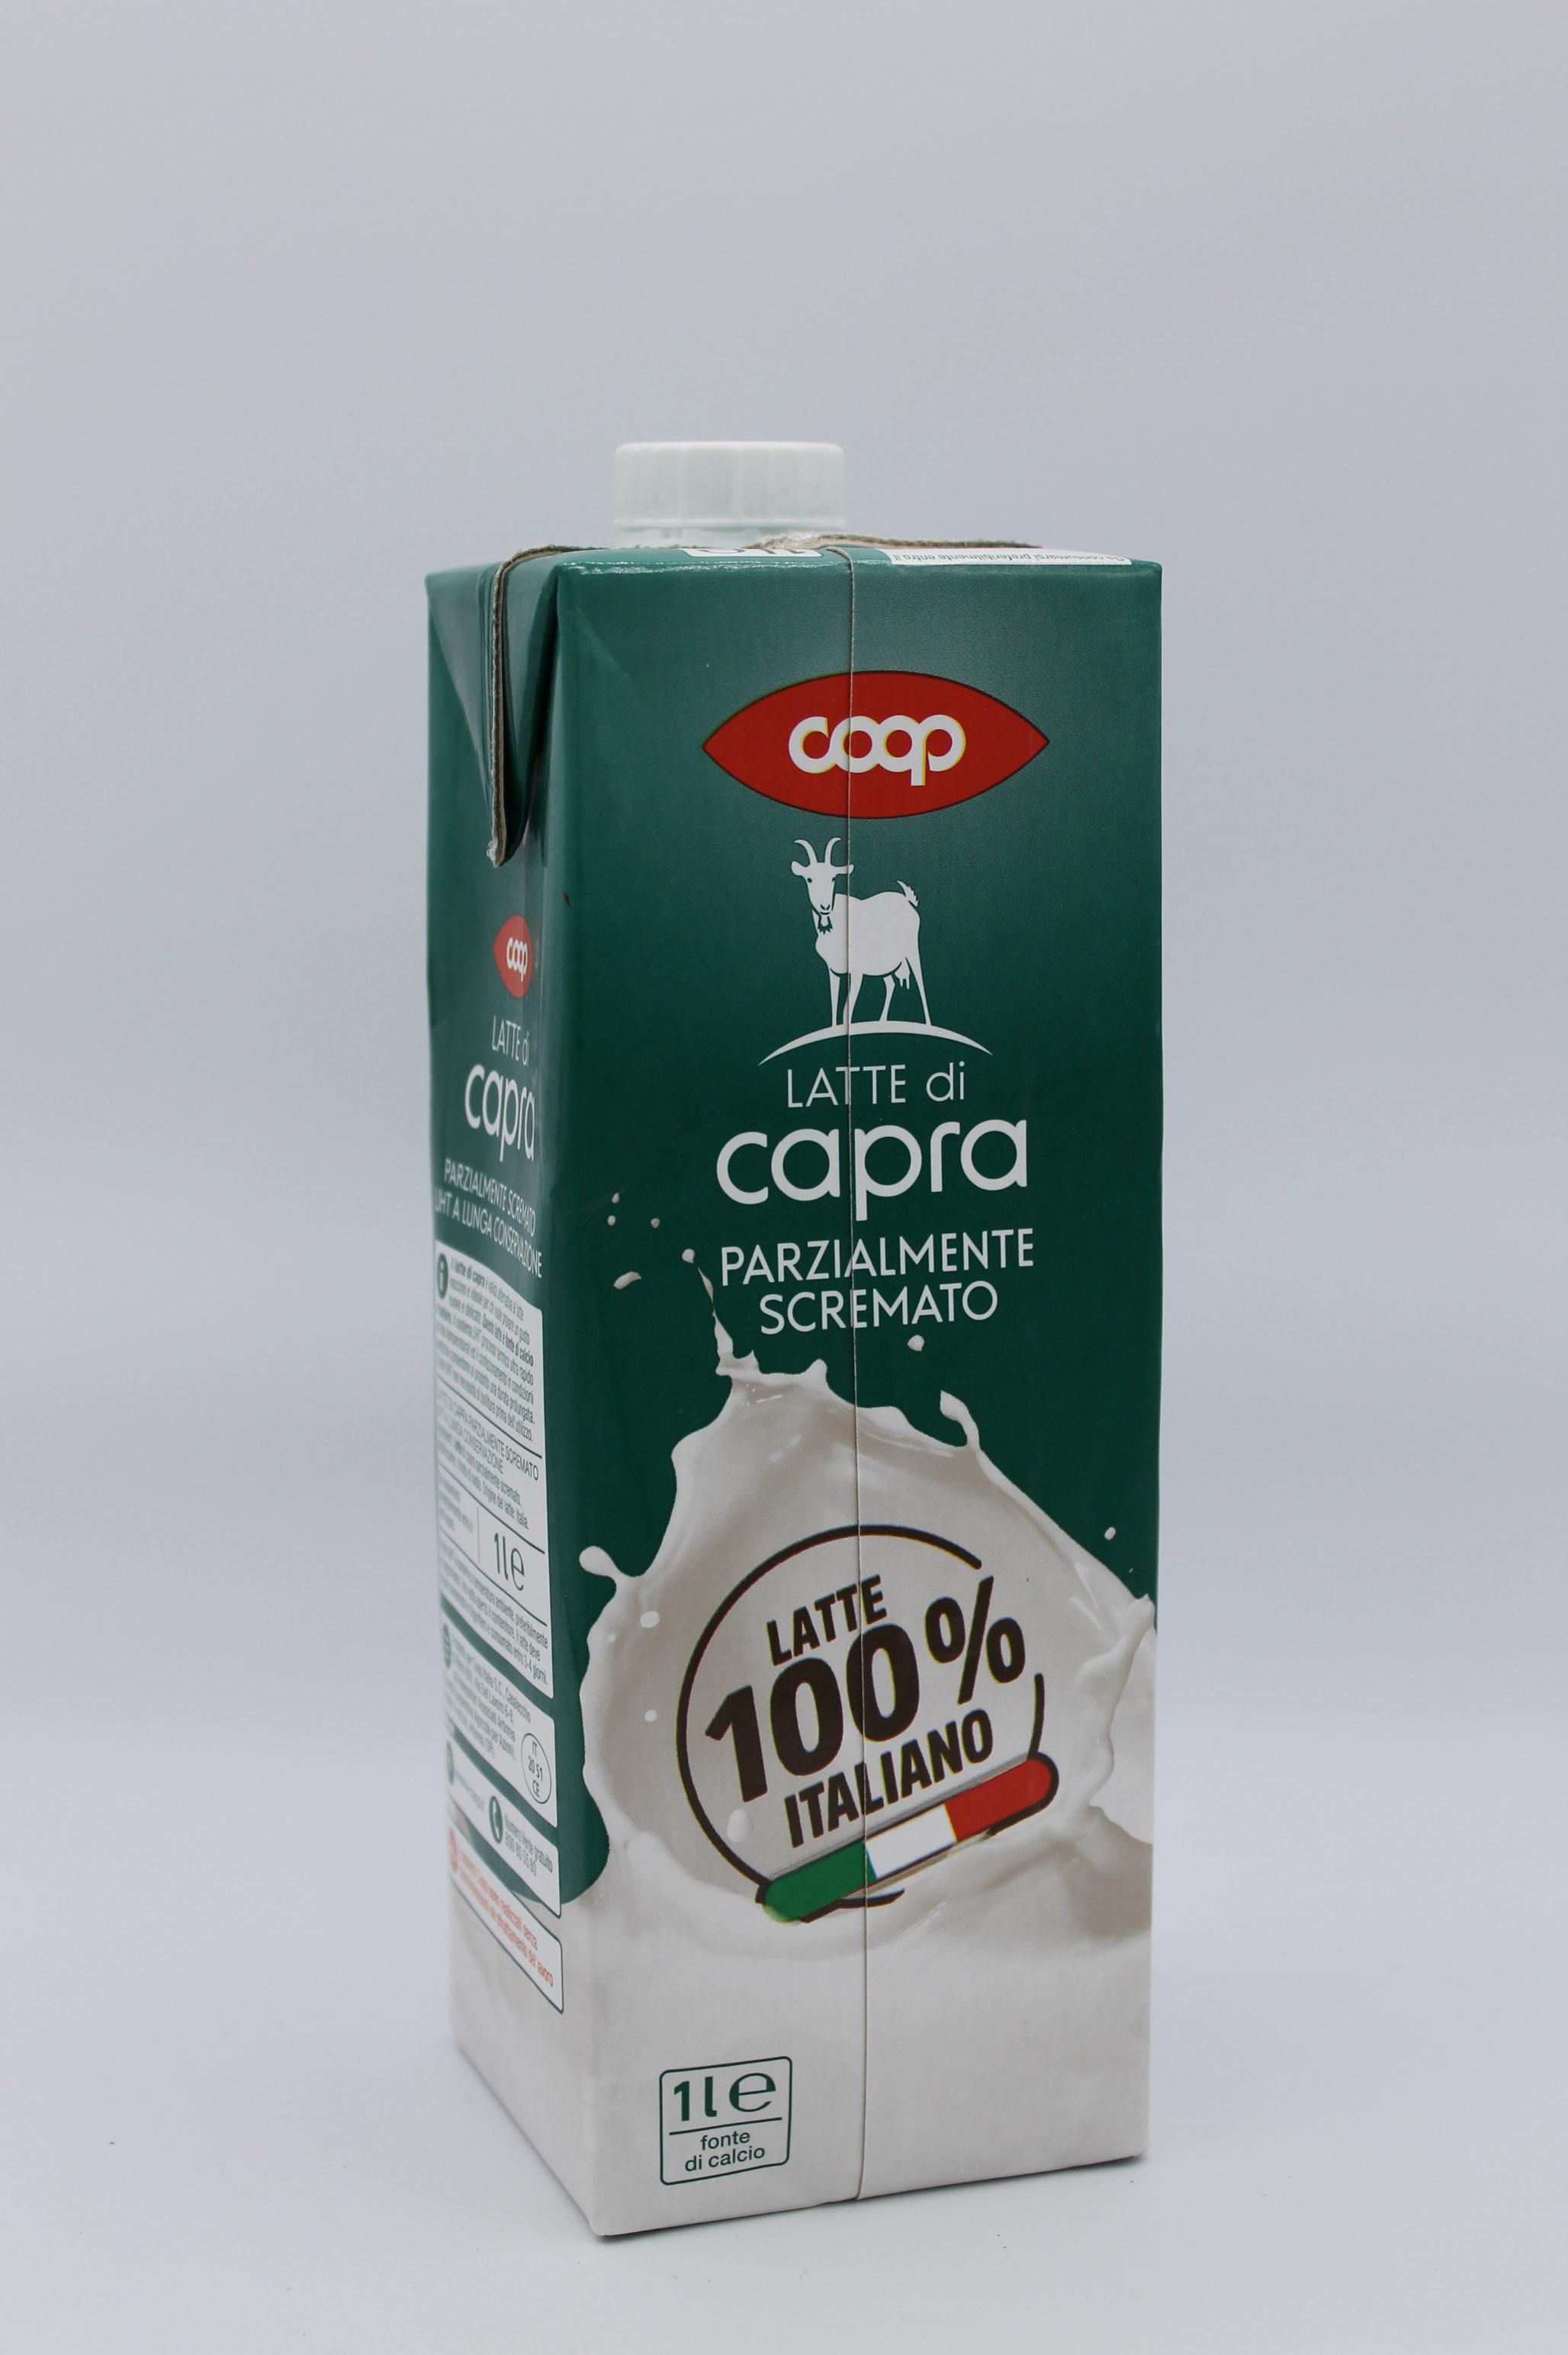 Coop latte di capra 1 lt.